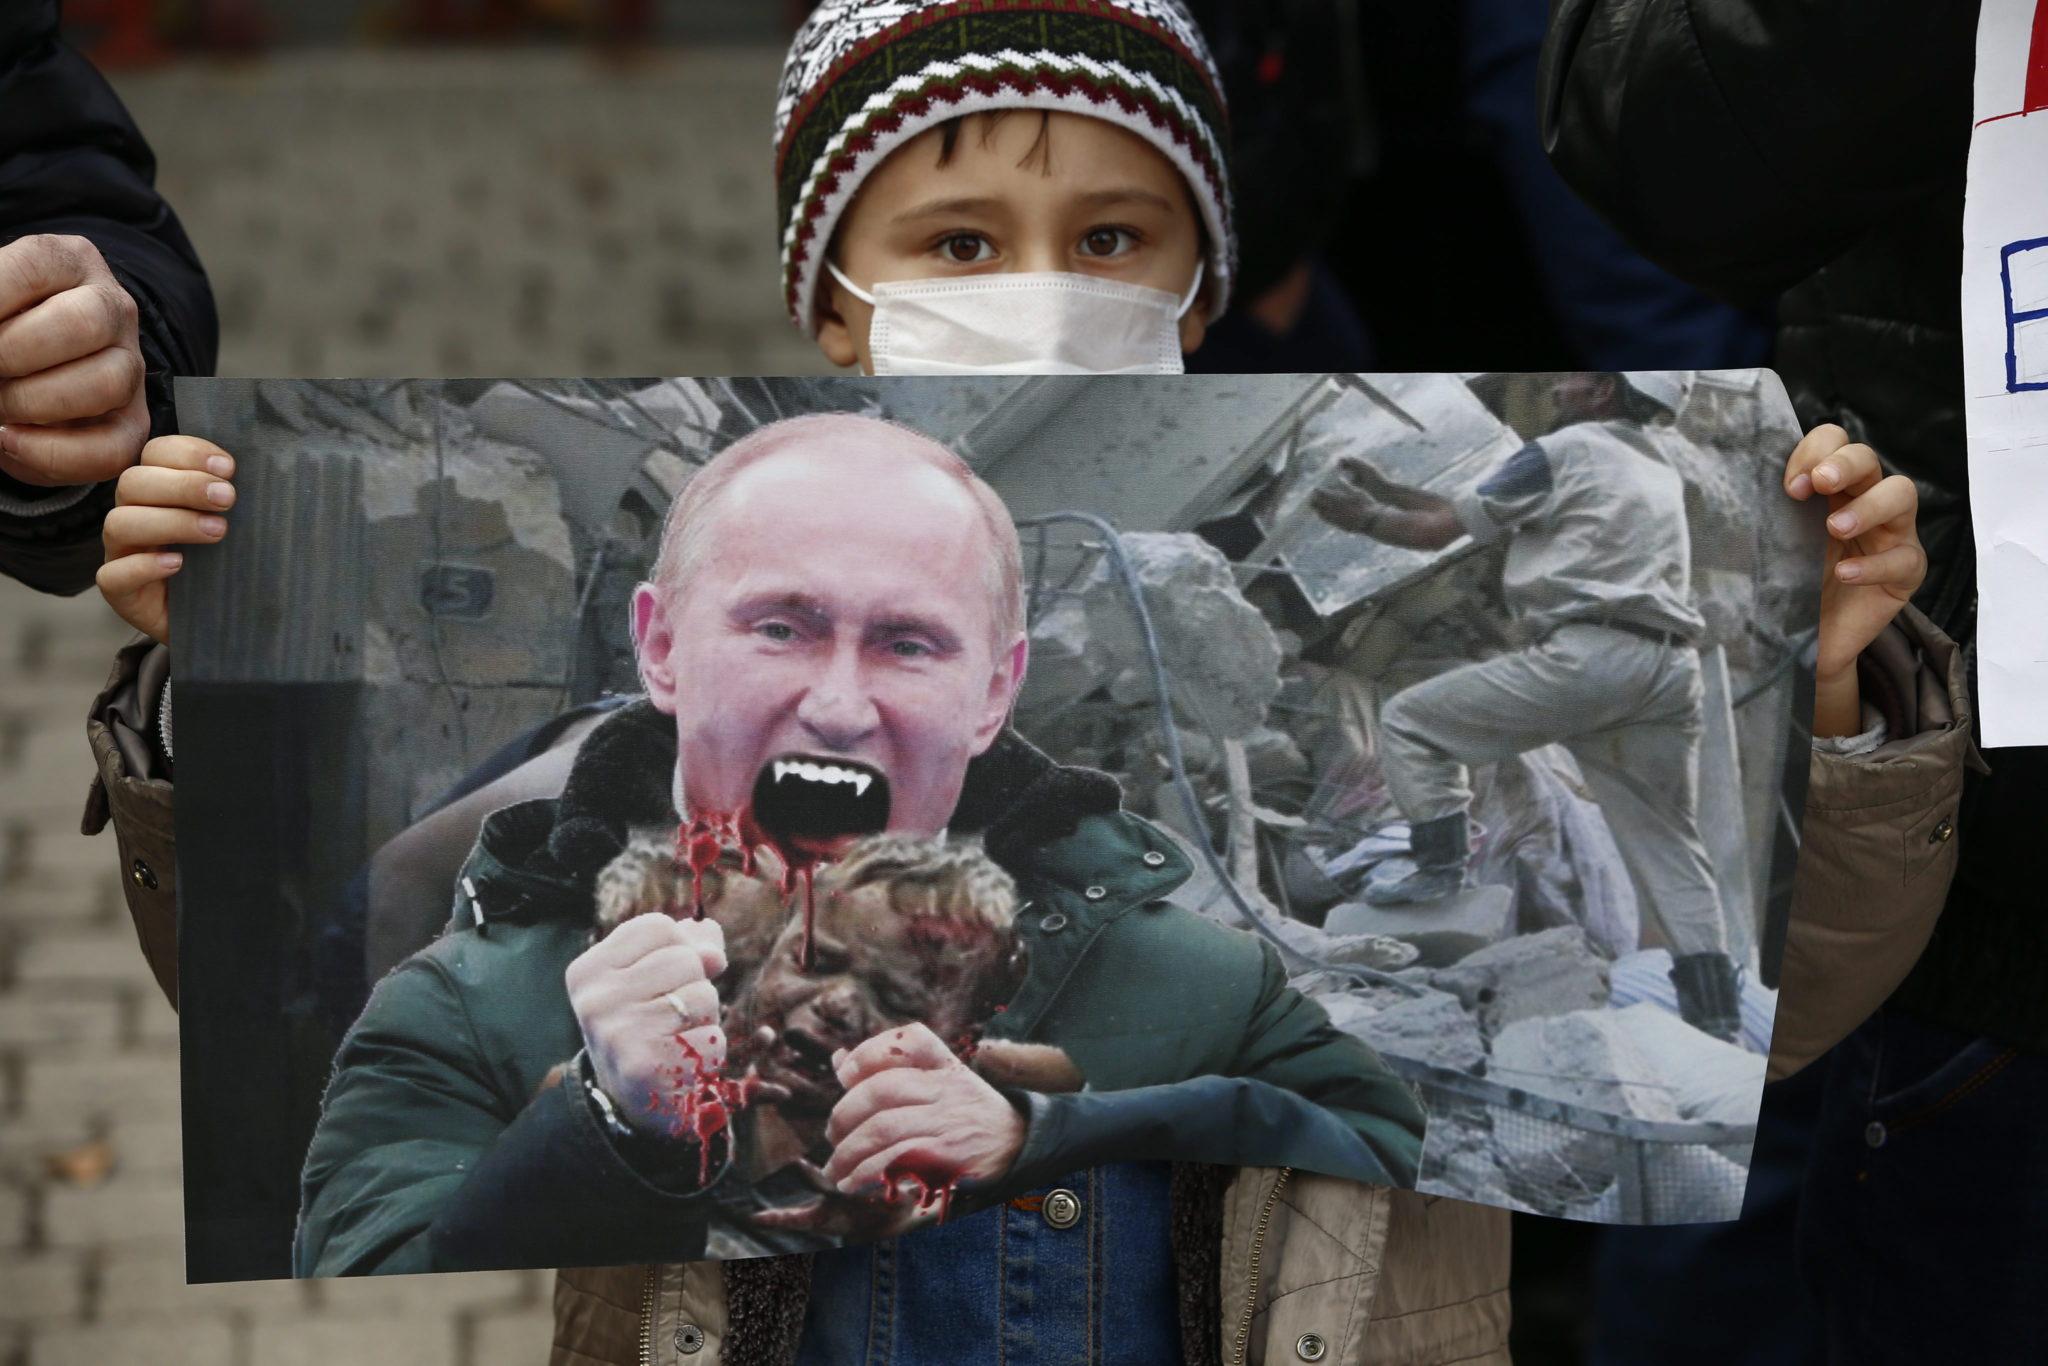 Korea Południowa: protest przeciwko polityce rosyjskiej w Syrii (foto. PAP/EPA/JEON HEON-KYUN)